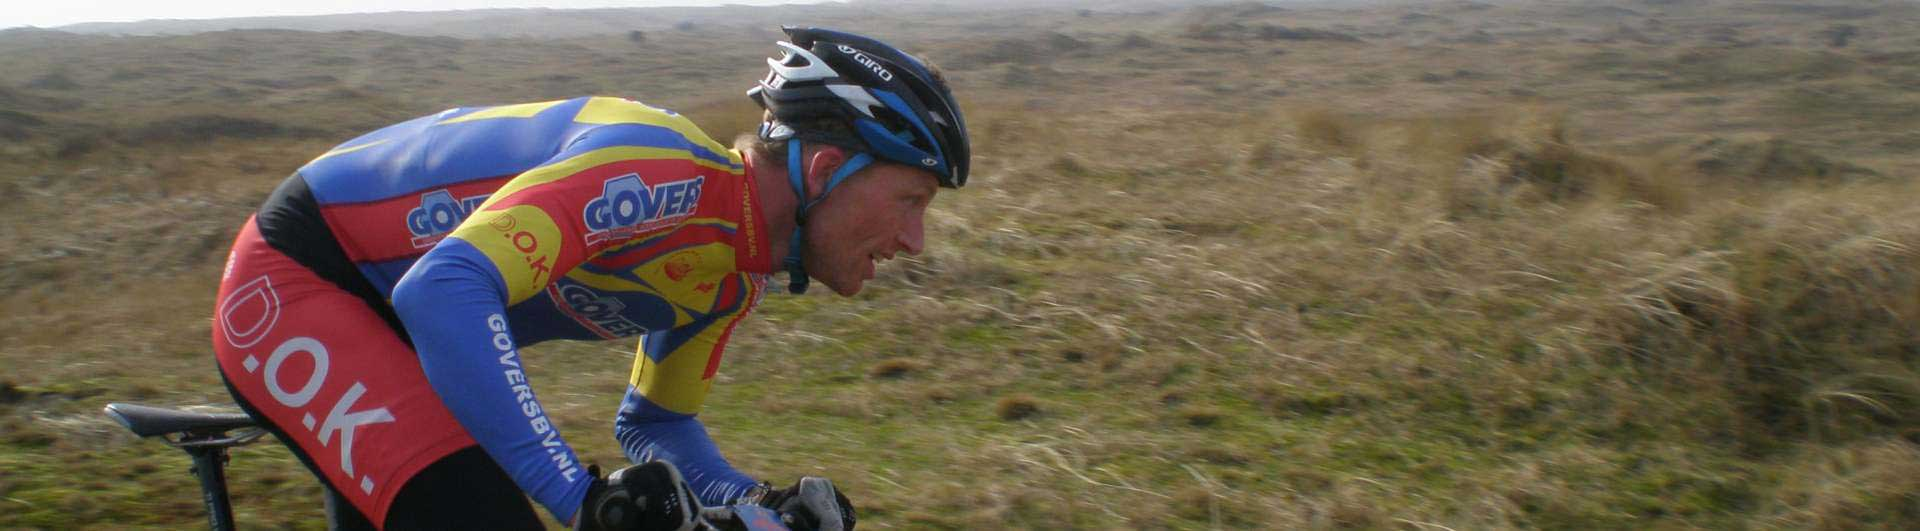 MTB Ameland beeldverslagen: MTB'er fietst door de natuur van Ameland